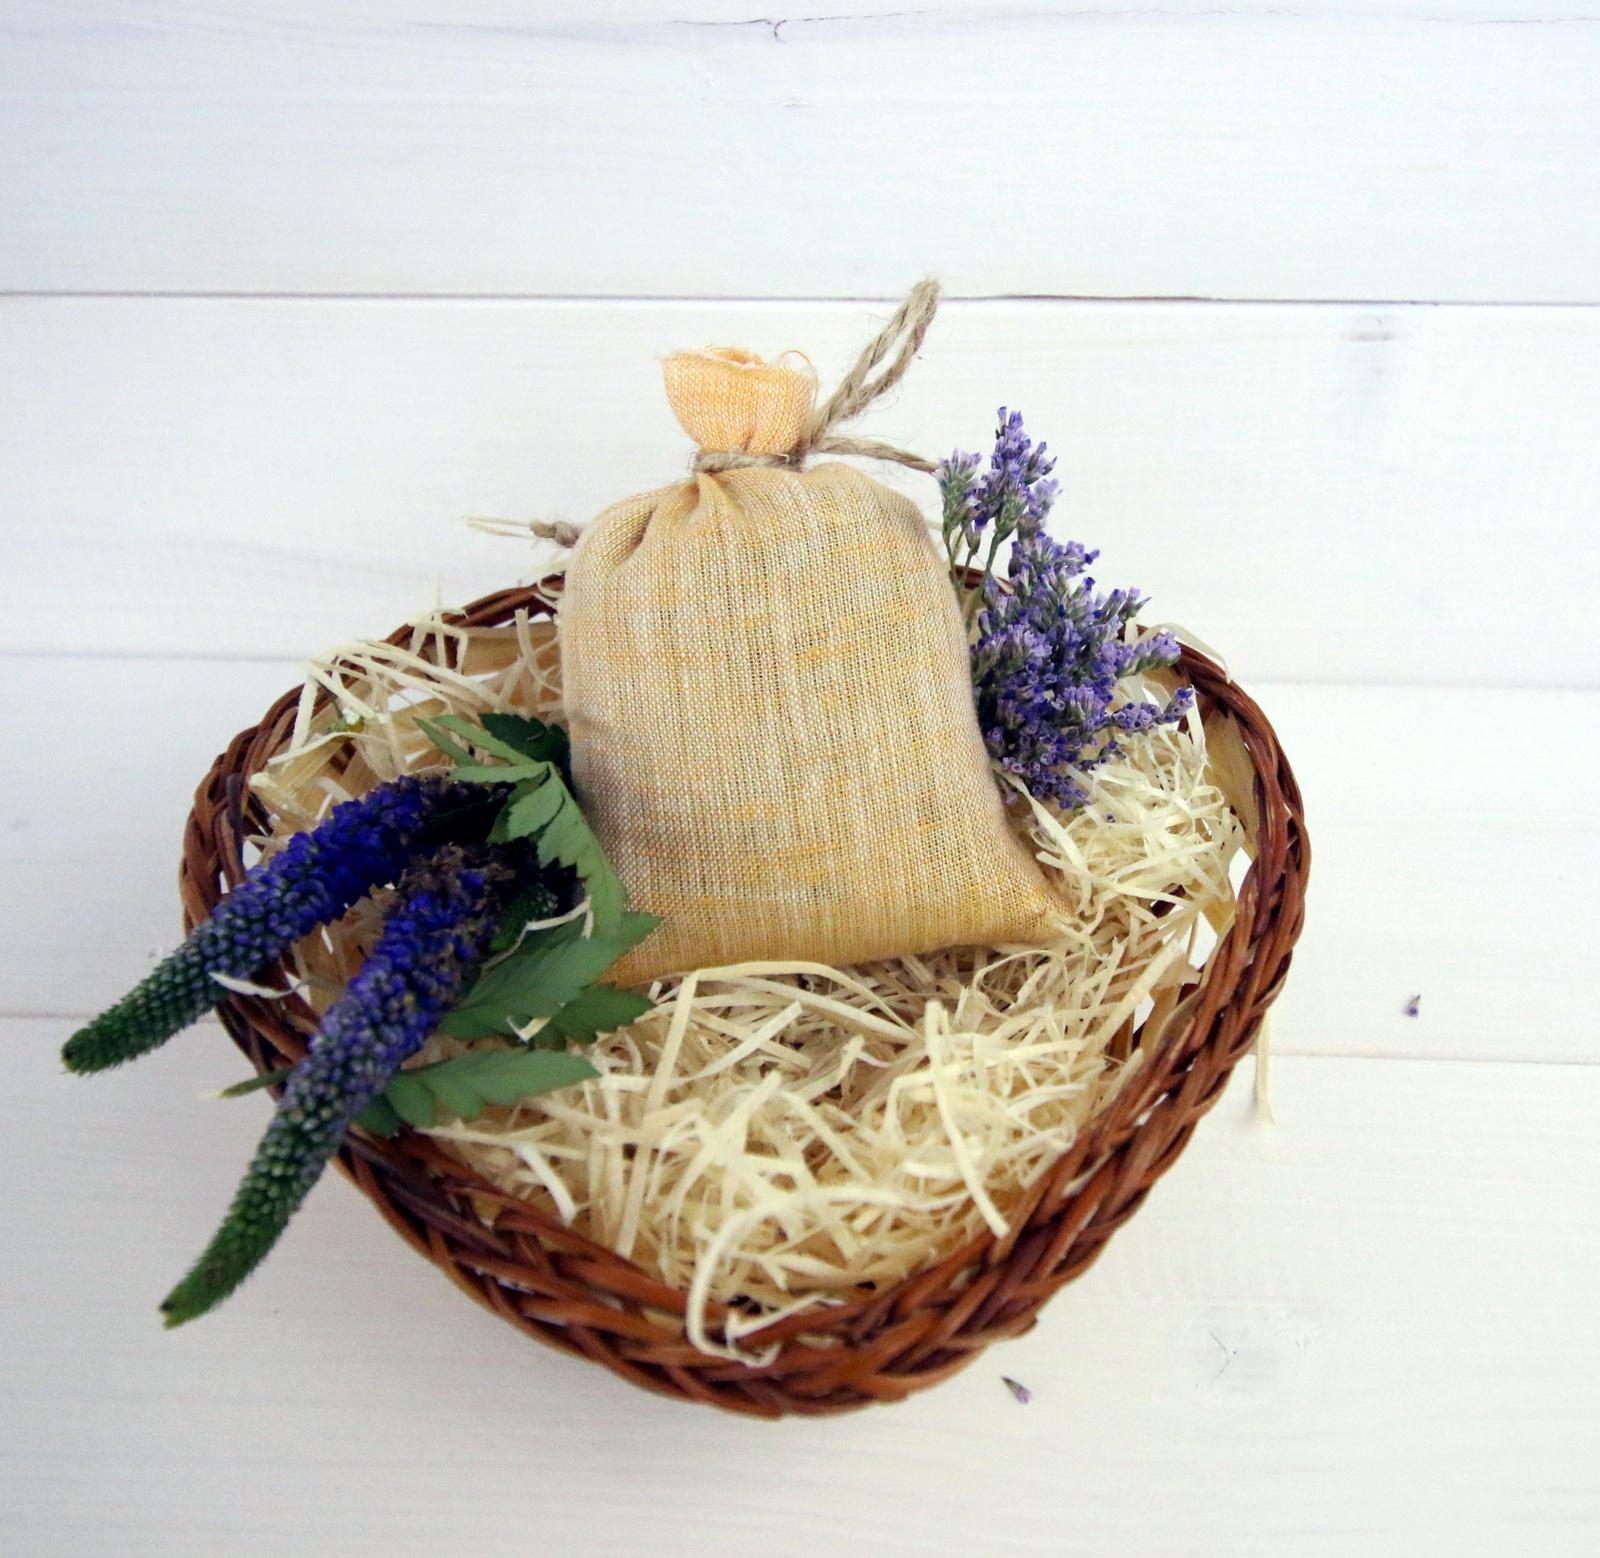 Ароматическое саше Midzumi Лавандовое вдохновение корзина для хранения альтернатива вдохновение цвет салатовый 26 5 х 16 5 х 10 см